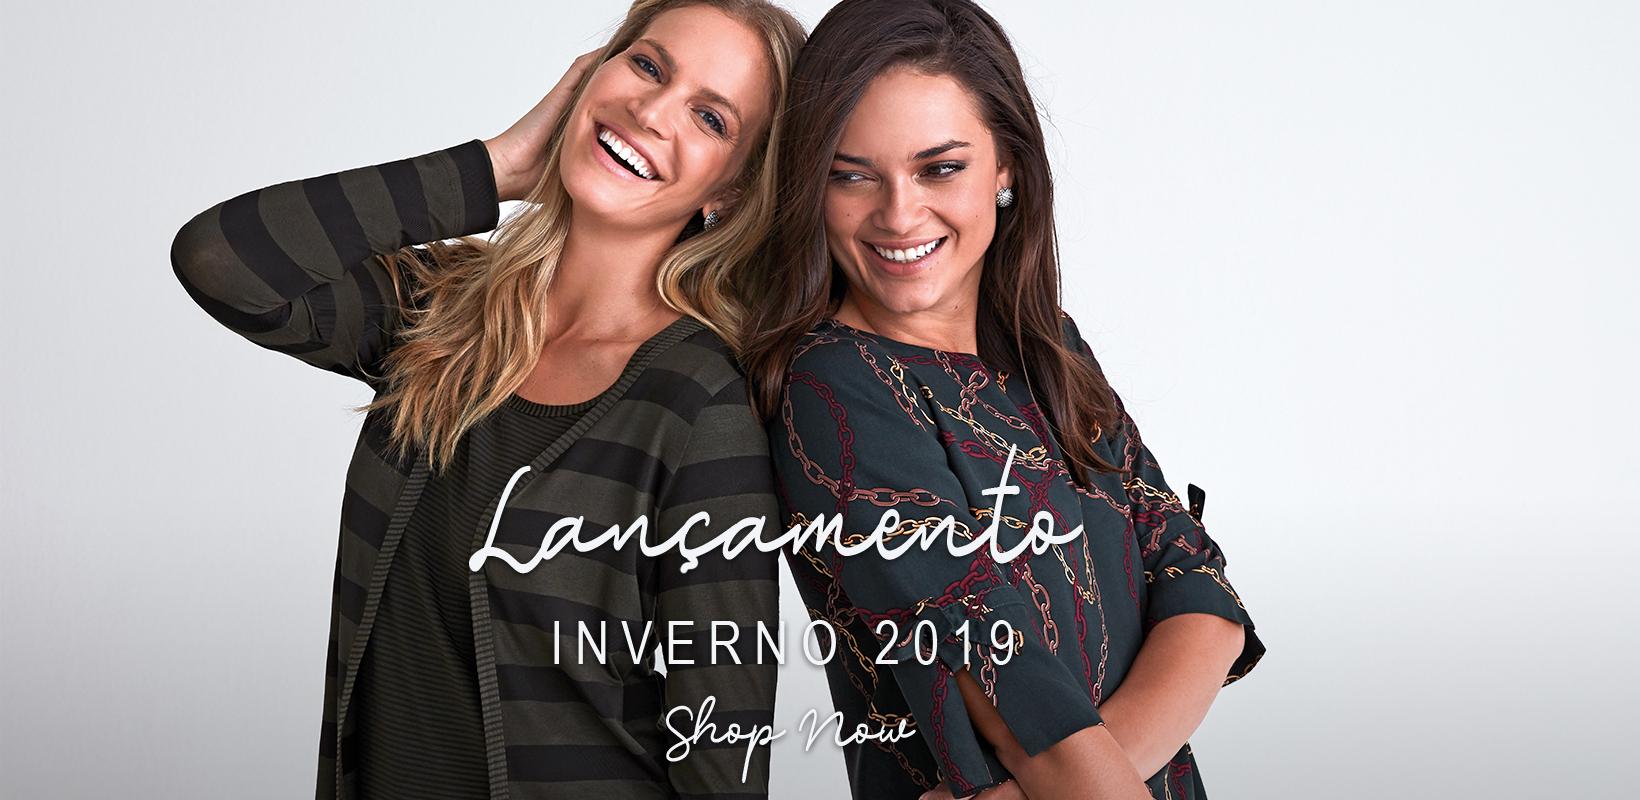 afe96a6264 Stroke Moda Verão 2019 - Jaquetas